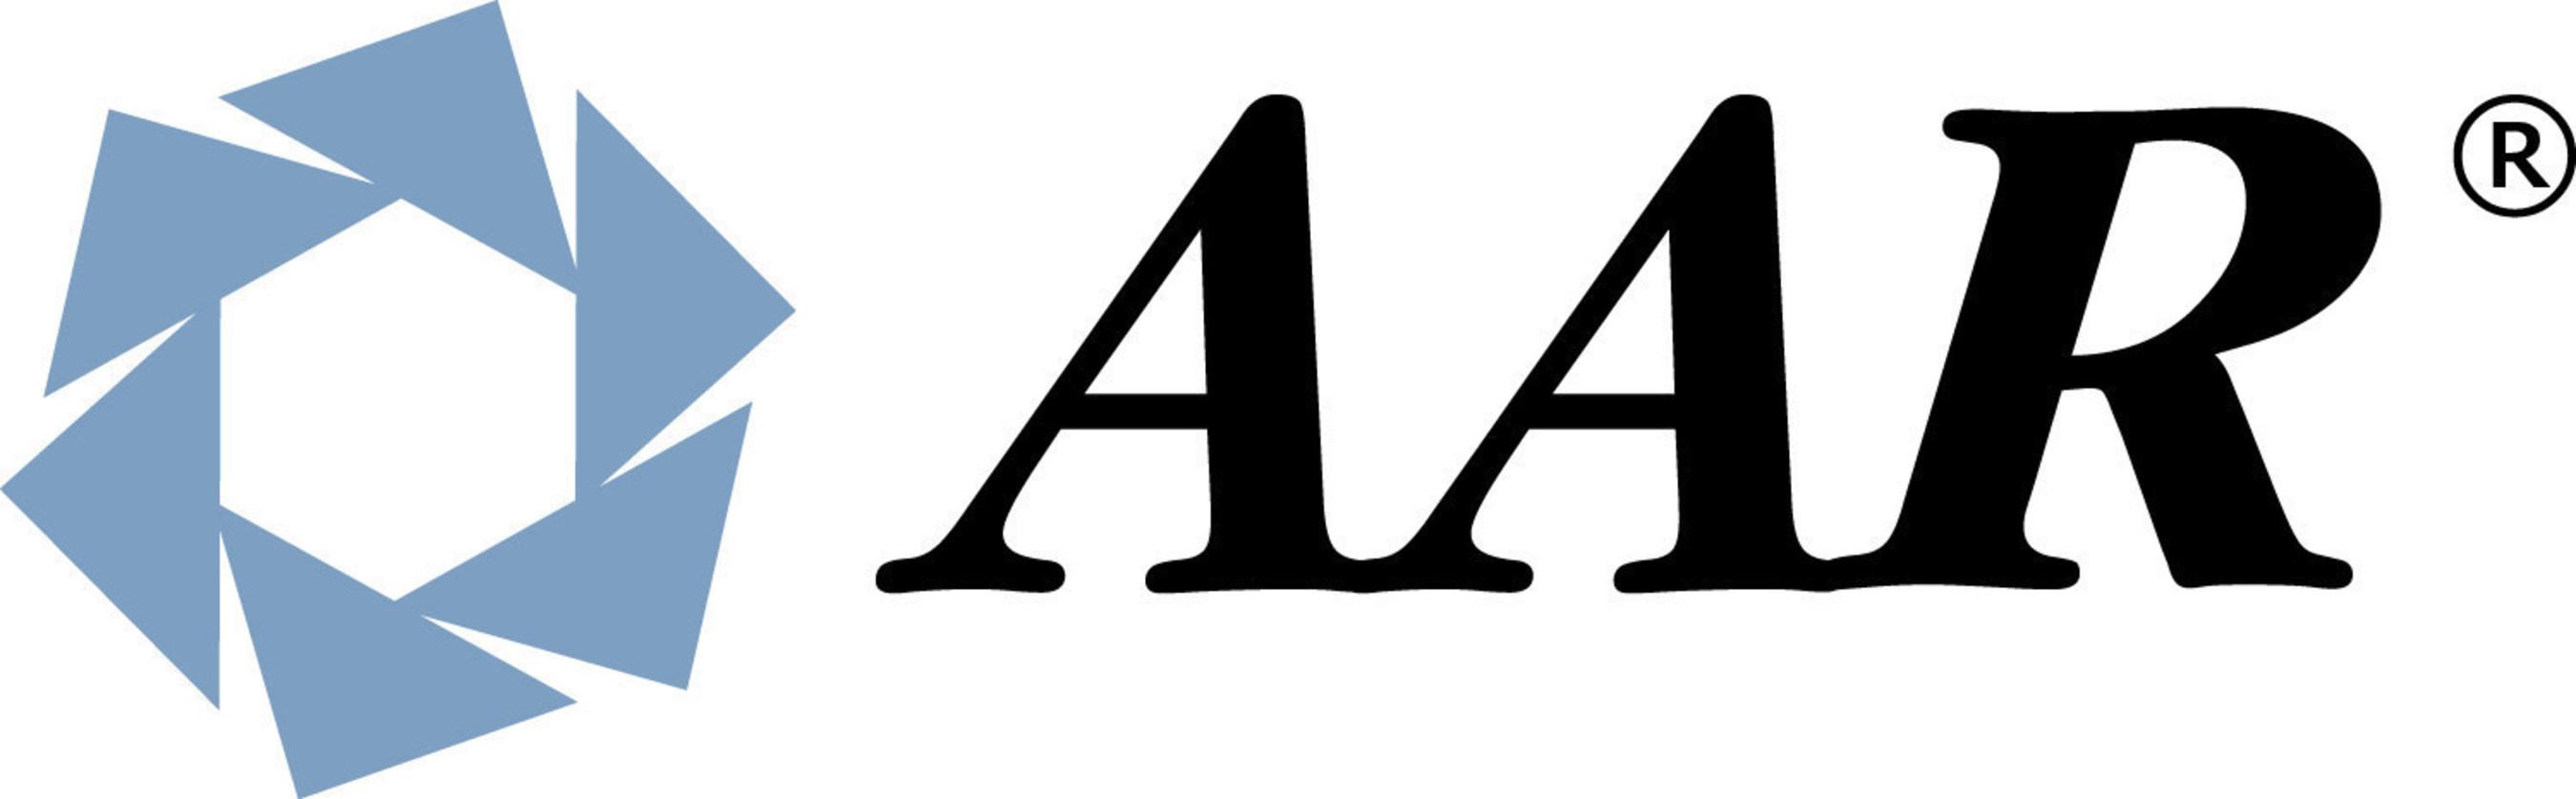 AAR Announces Cash Dividend